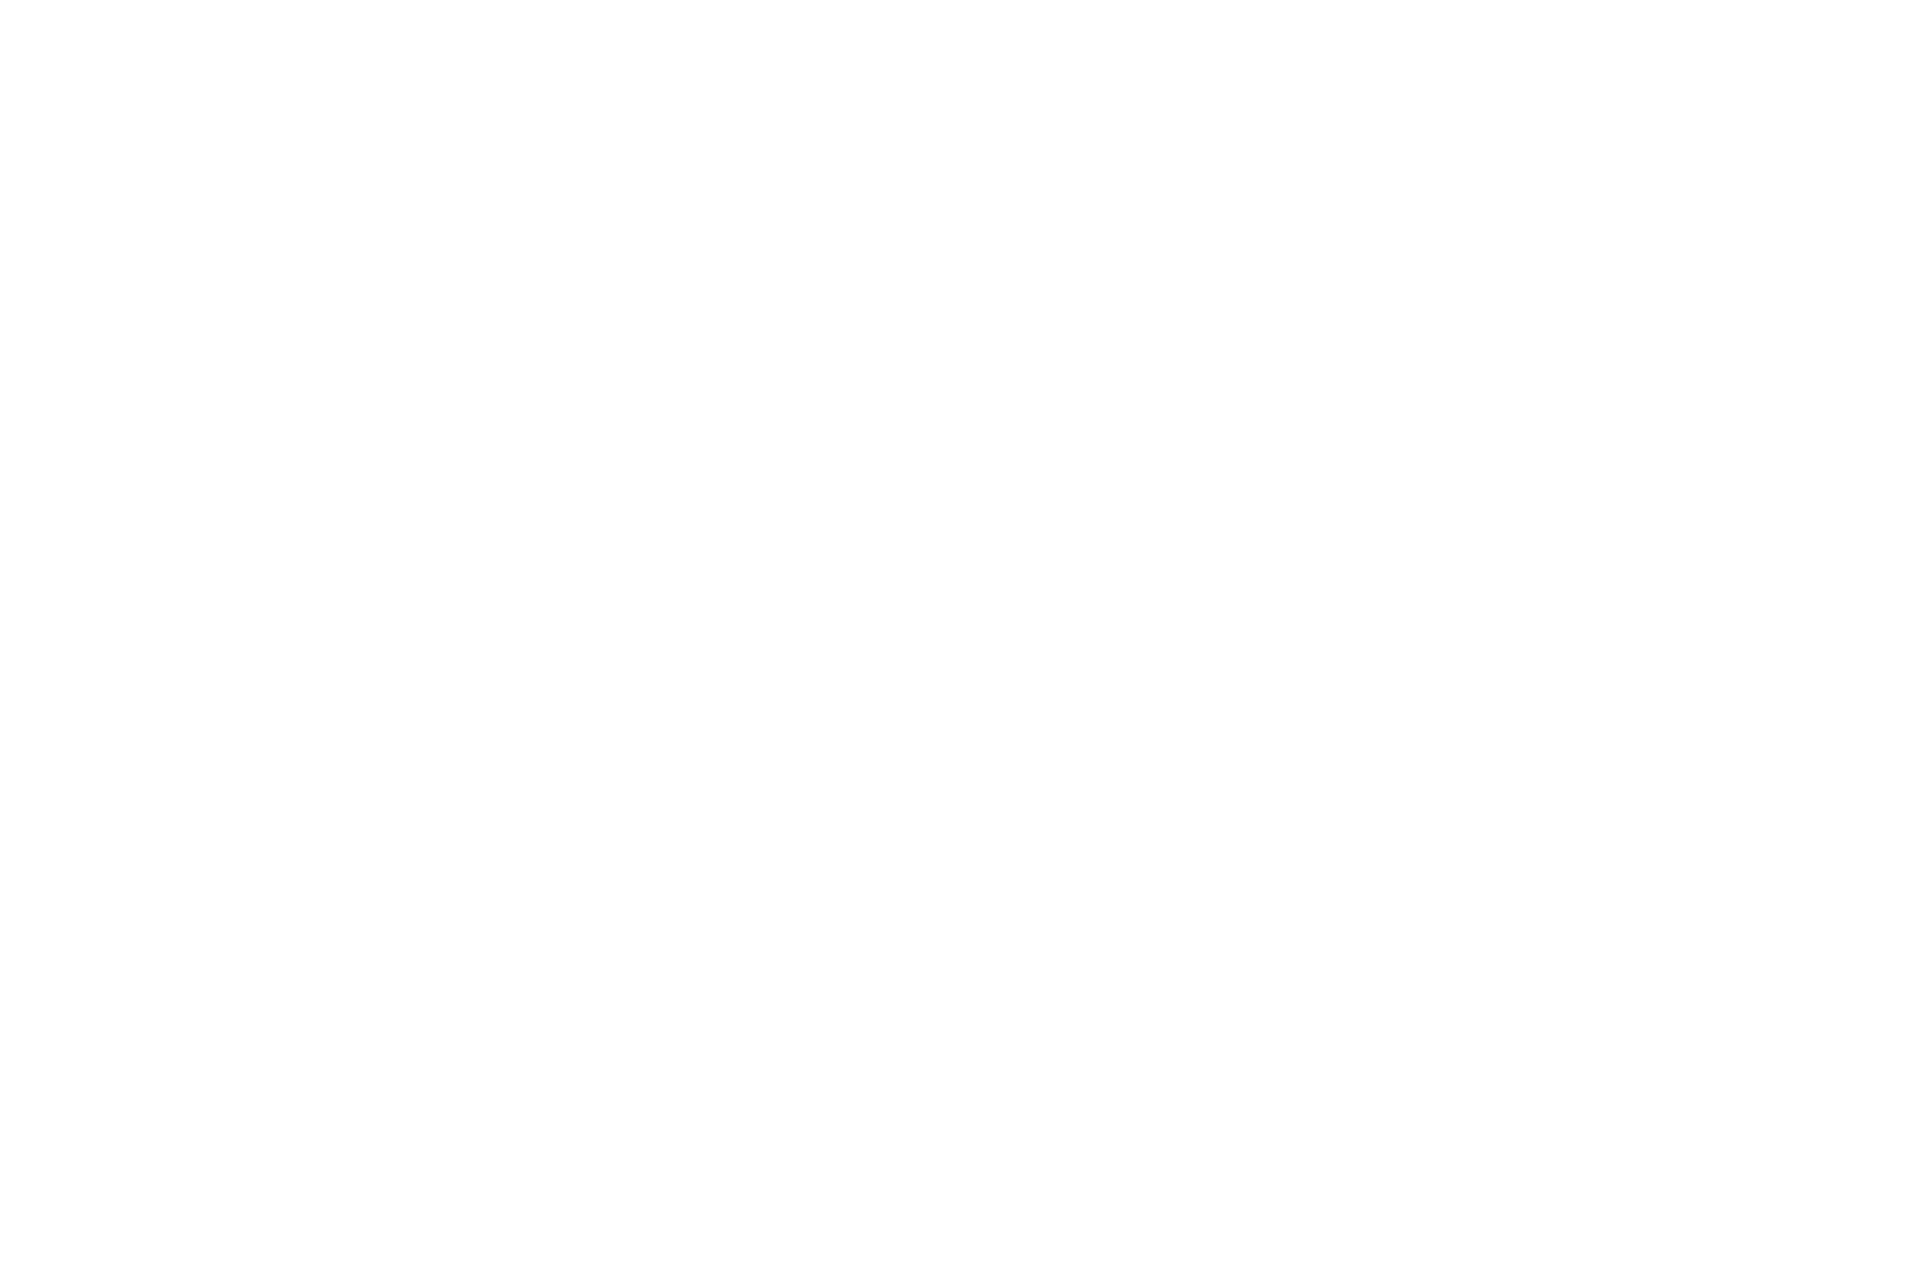 Klimatechnik - Euroraster-Zwischendeckengerät